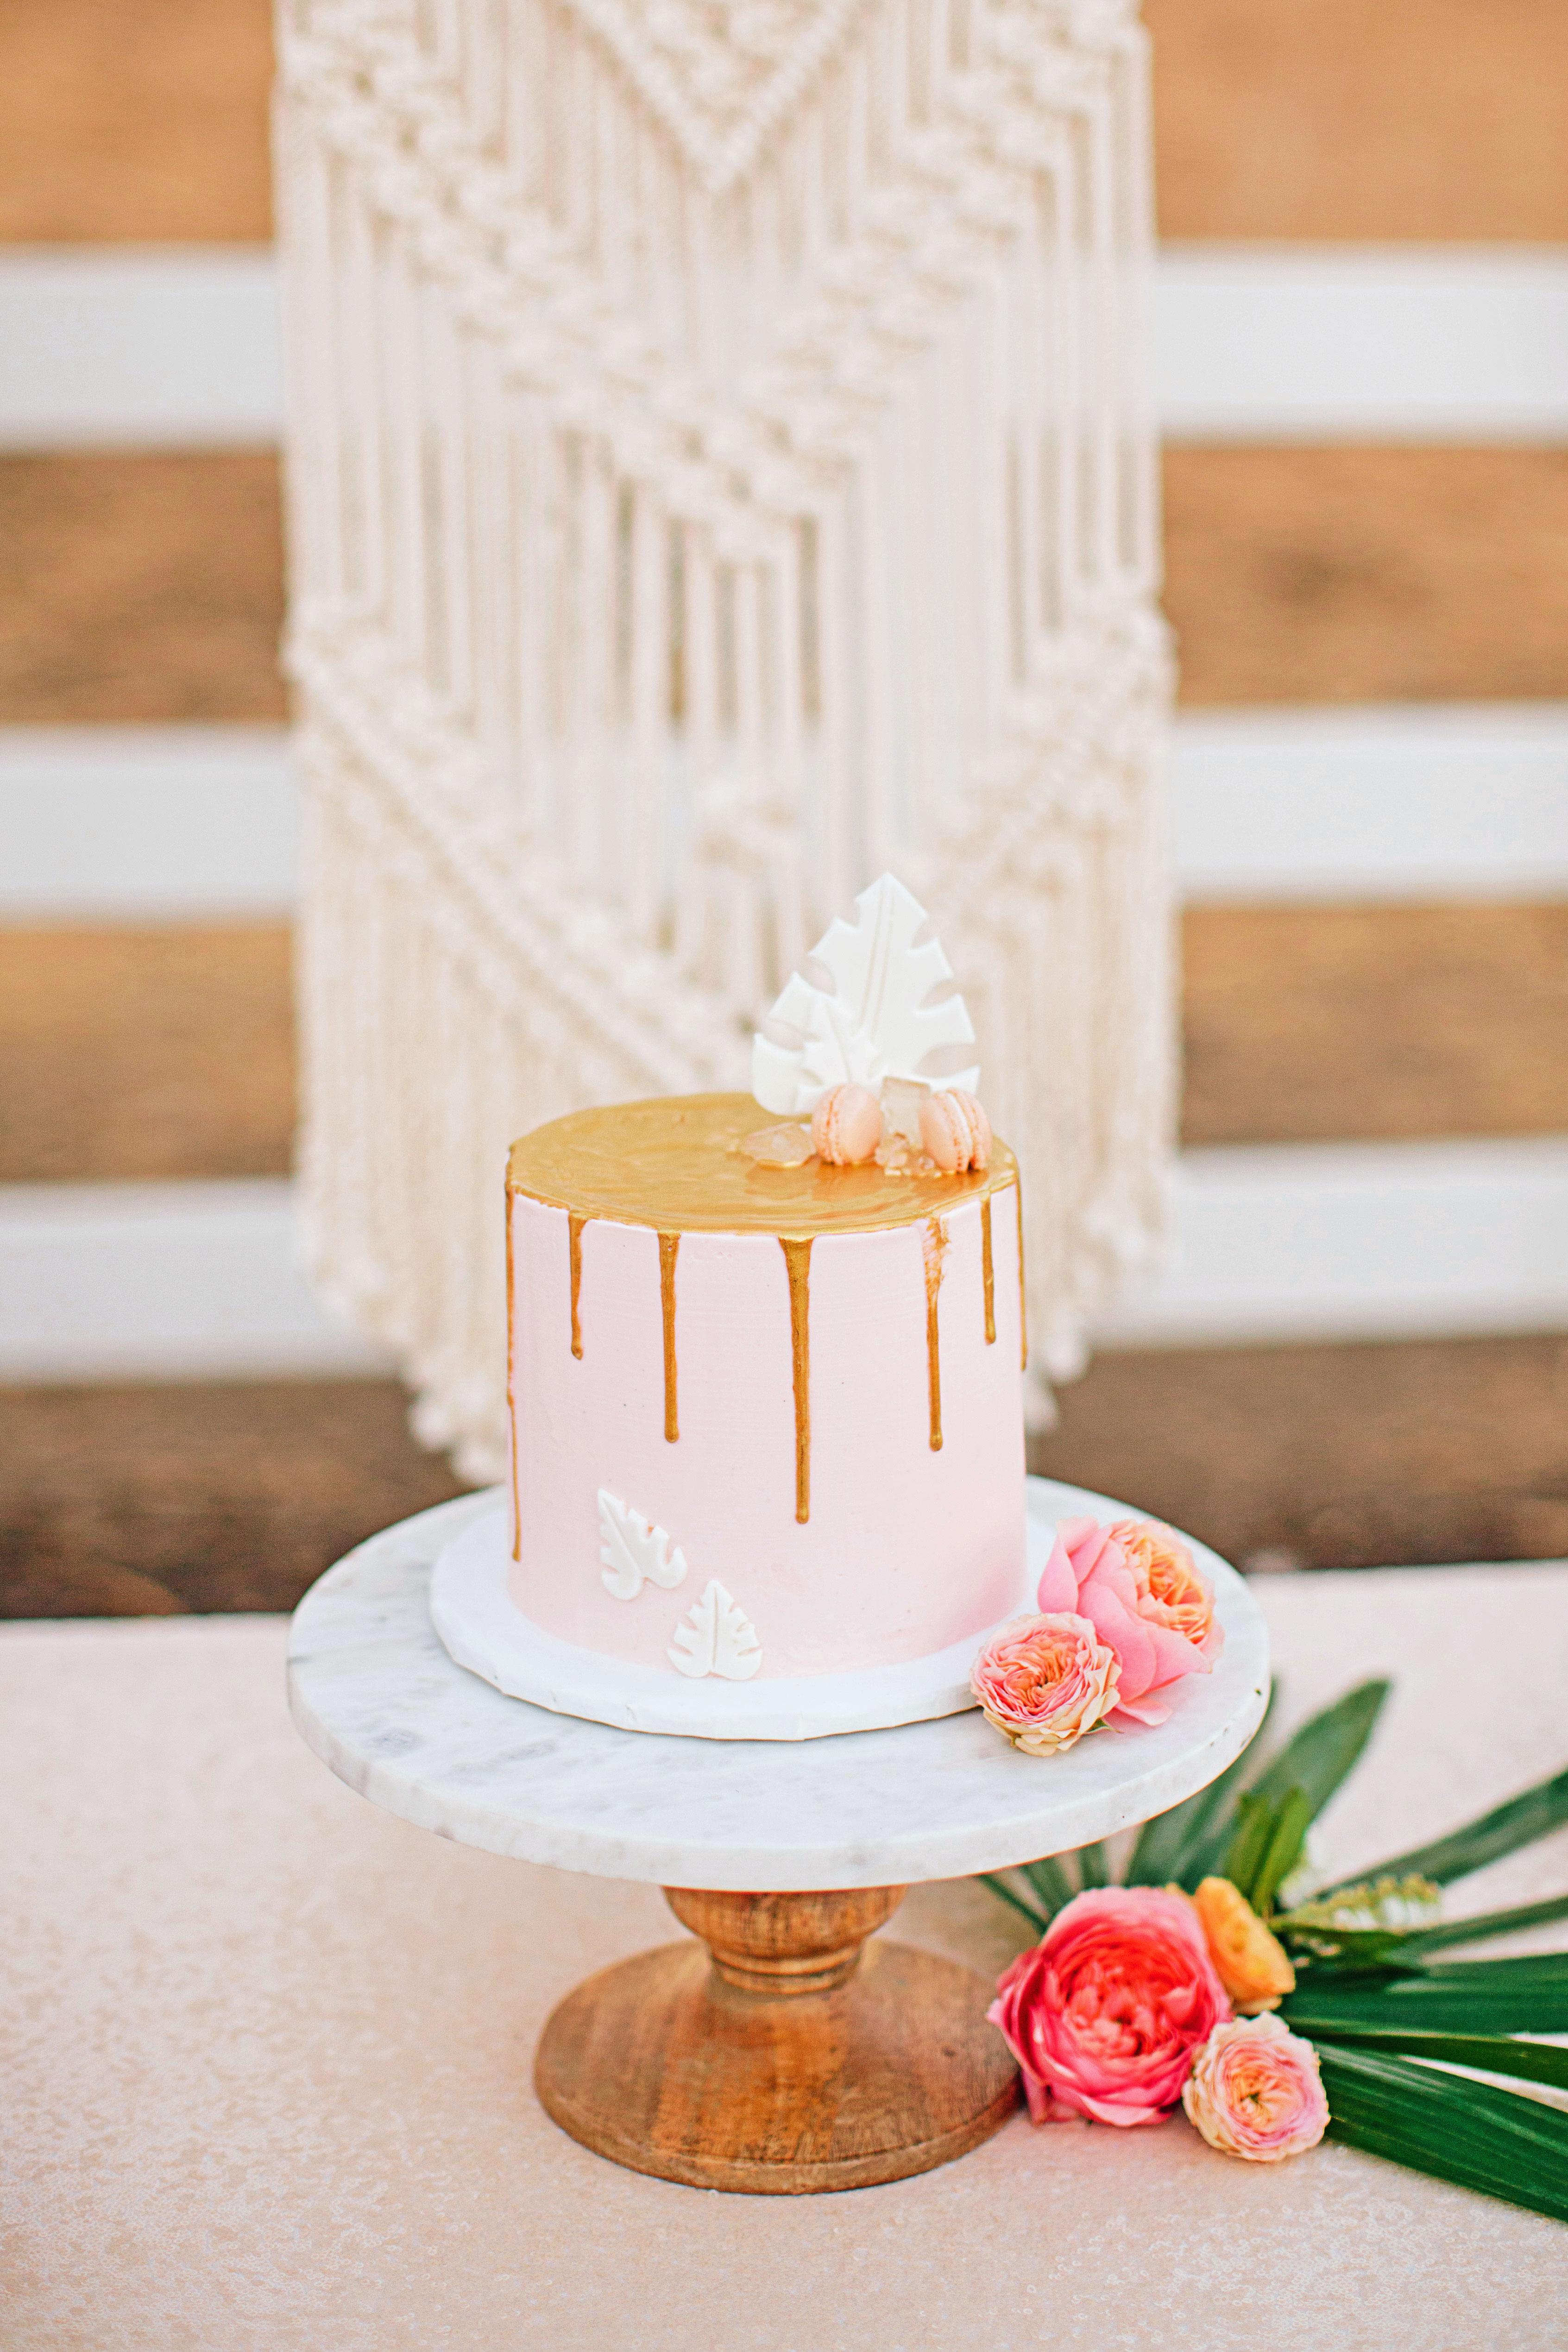 stephanie jared wedding cake